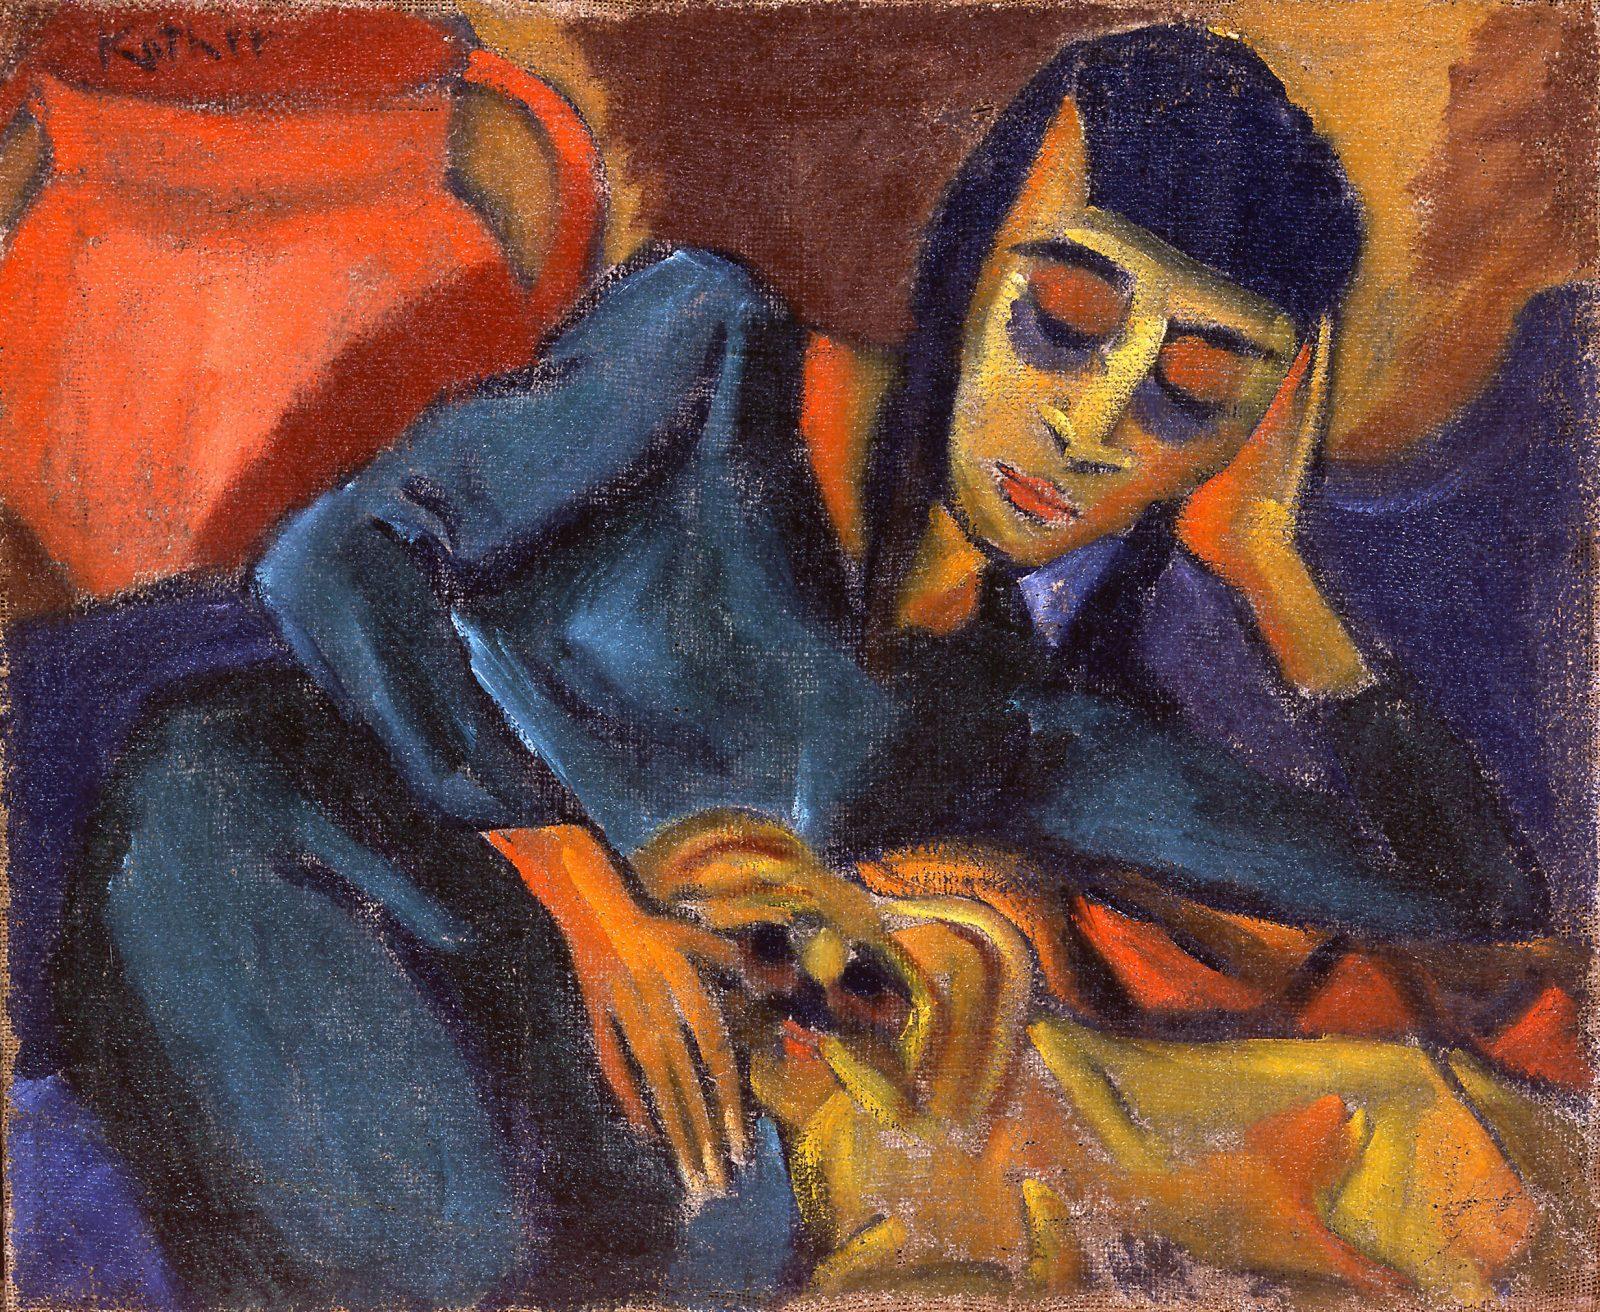 Paul Kother, Liegendes Mädchen mit kleinem Hund, Öl/ Lw., 57 x 68 cm